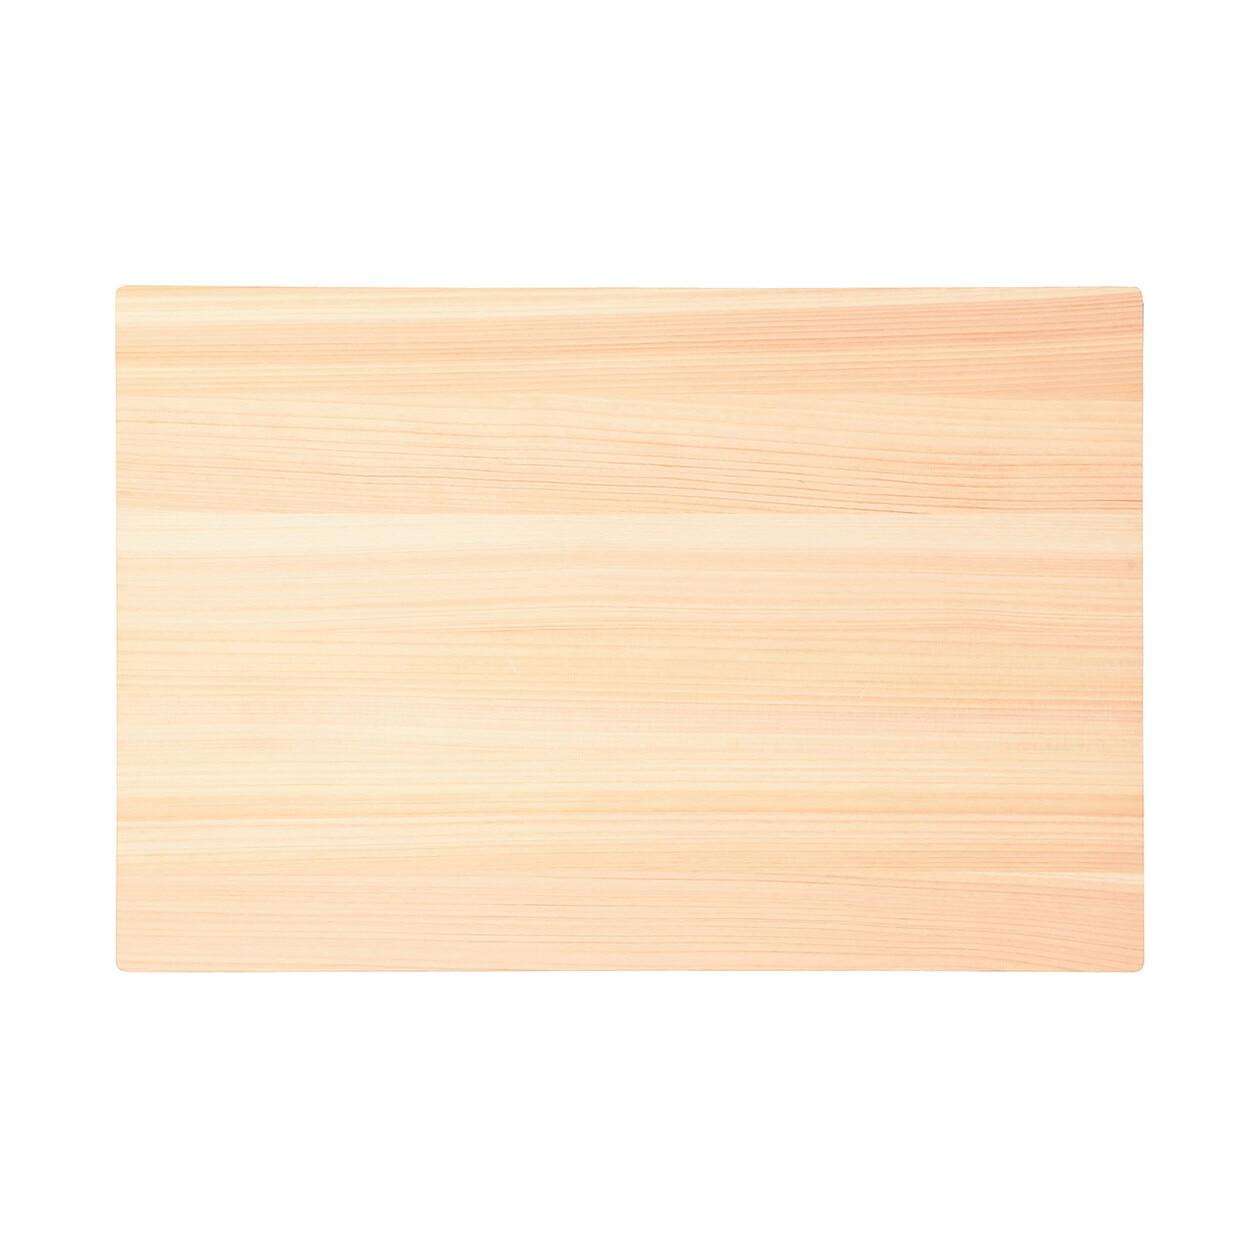 檜木砧板/36×24 | 無印良品